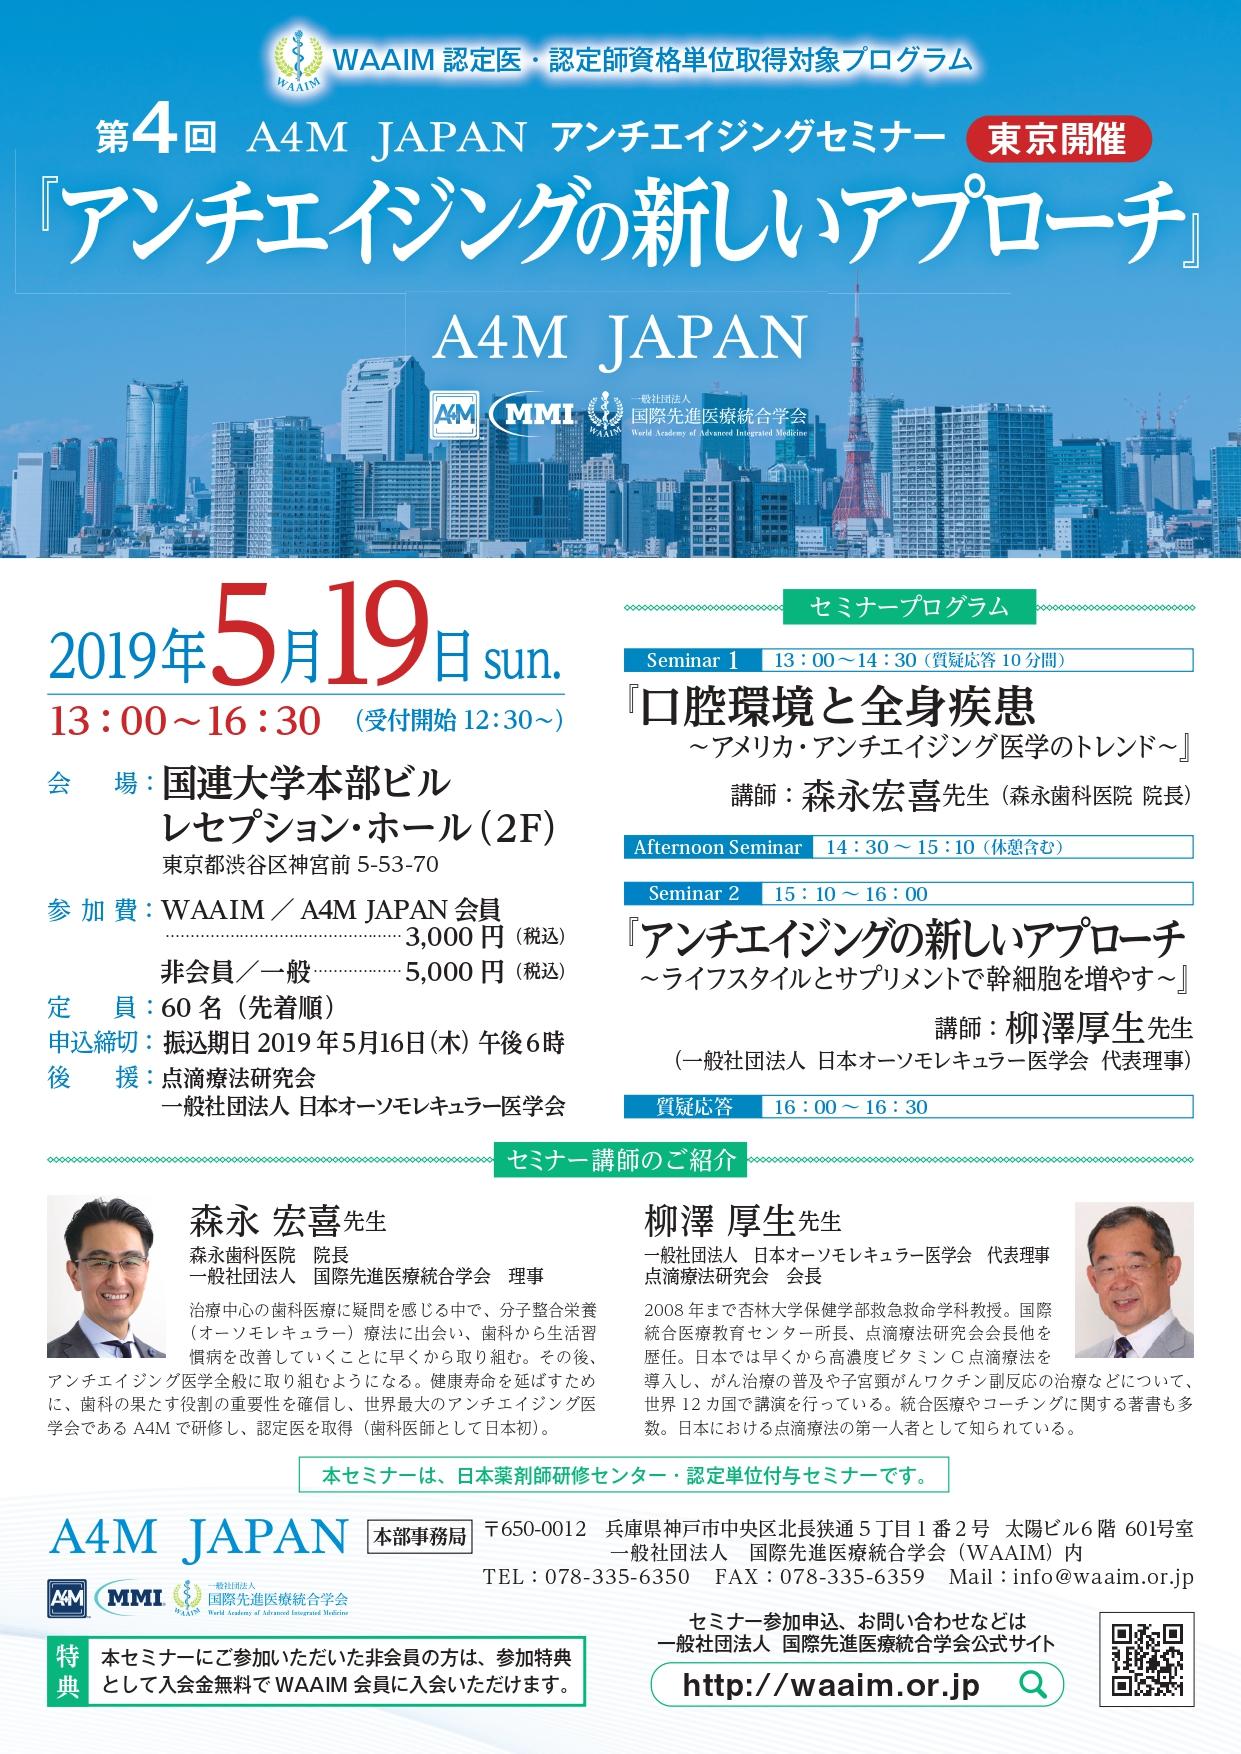 【終了致しました】A4M JAPANセミナー「アンチエイジングの新しいアプローチ」残席わずか!